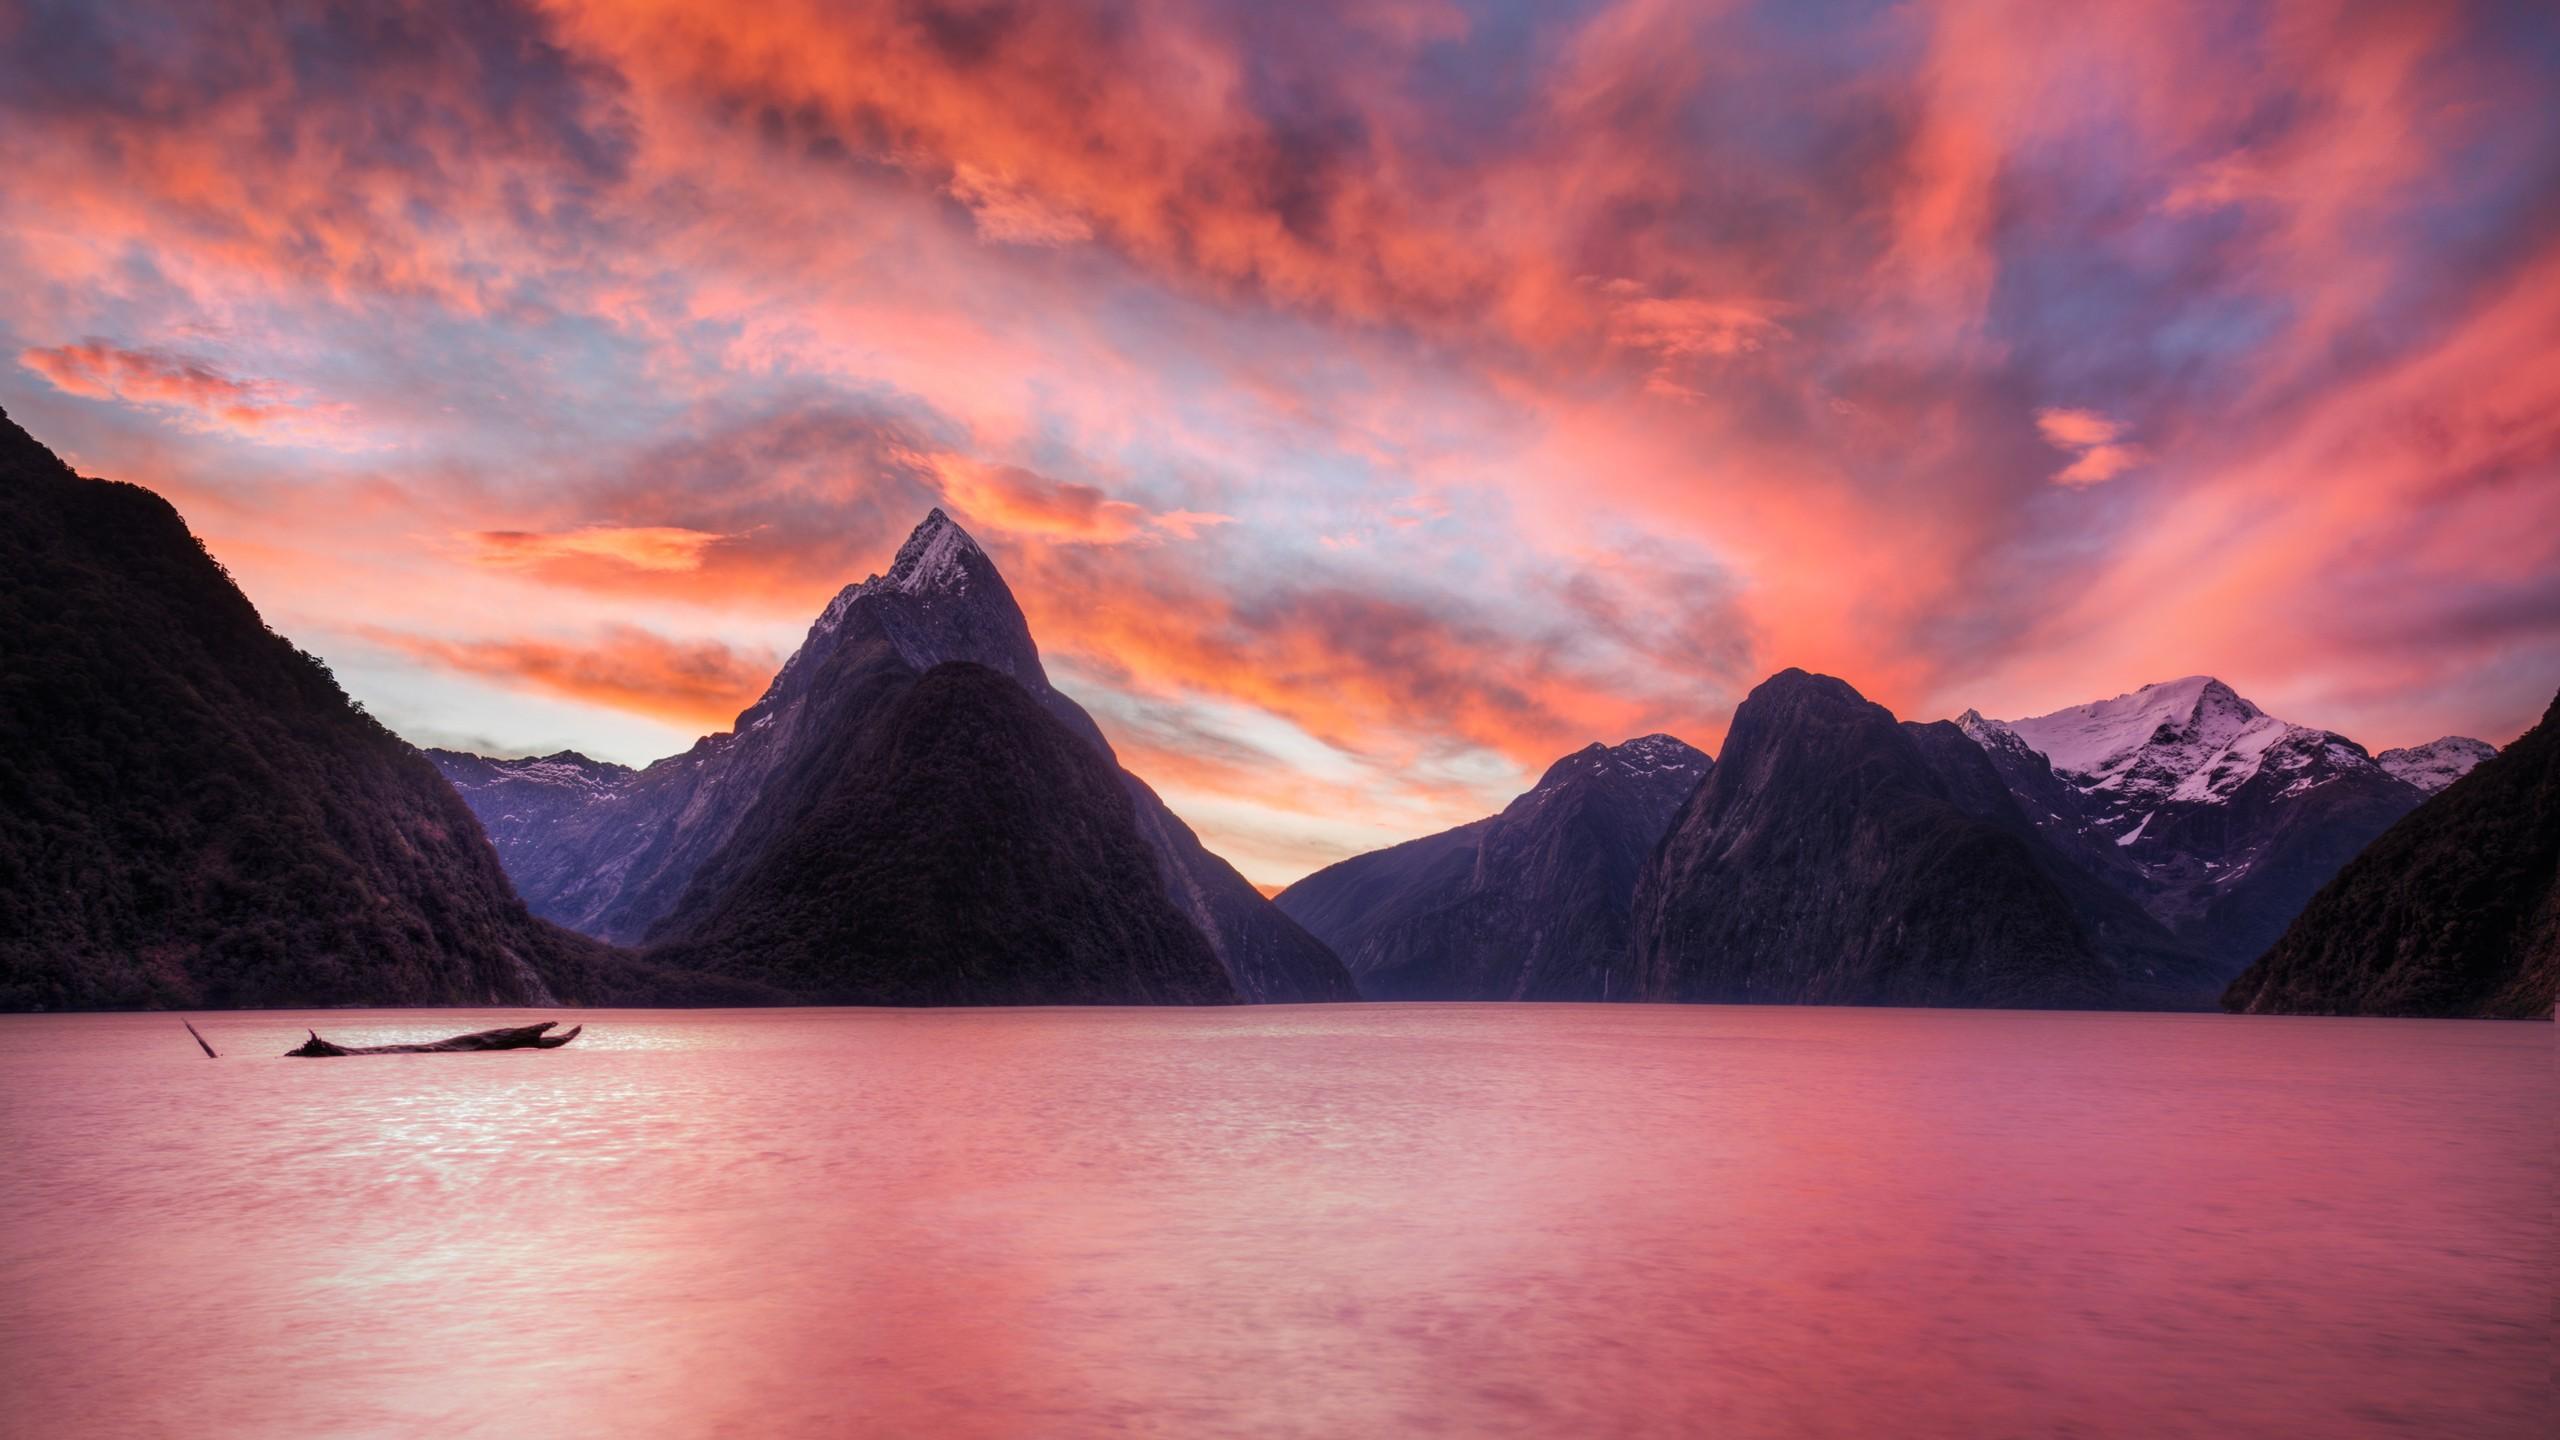 Lago de Nueva Zelanda - 2560x1440